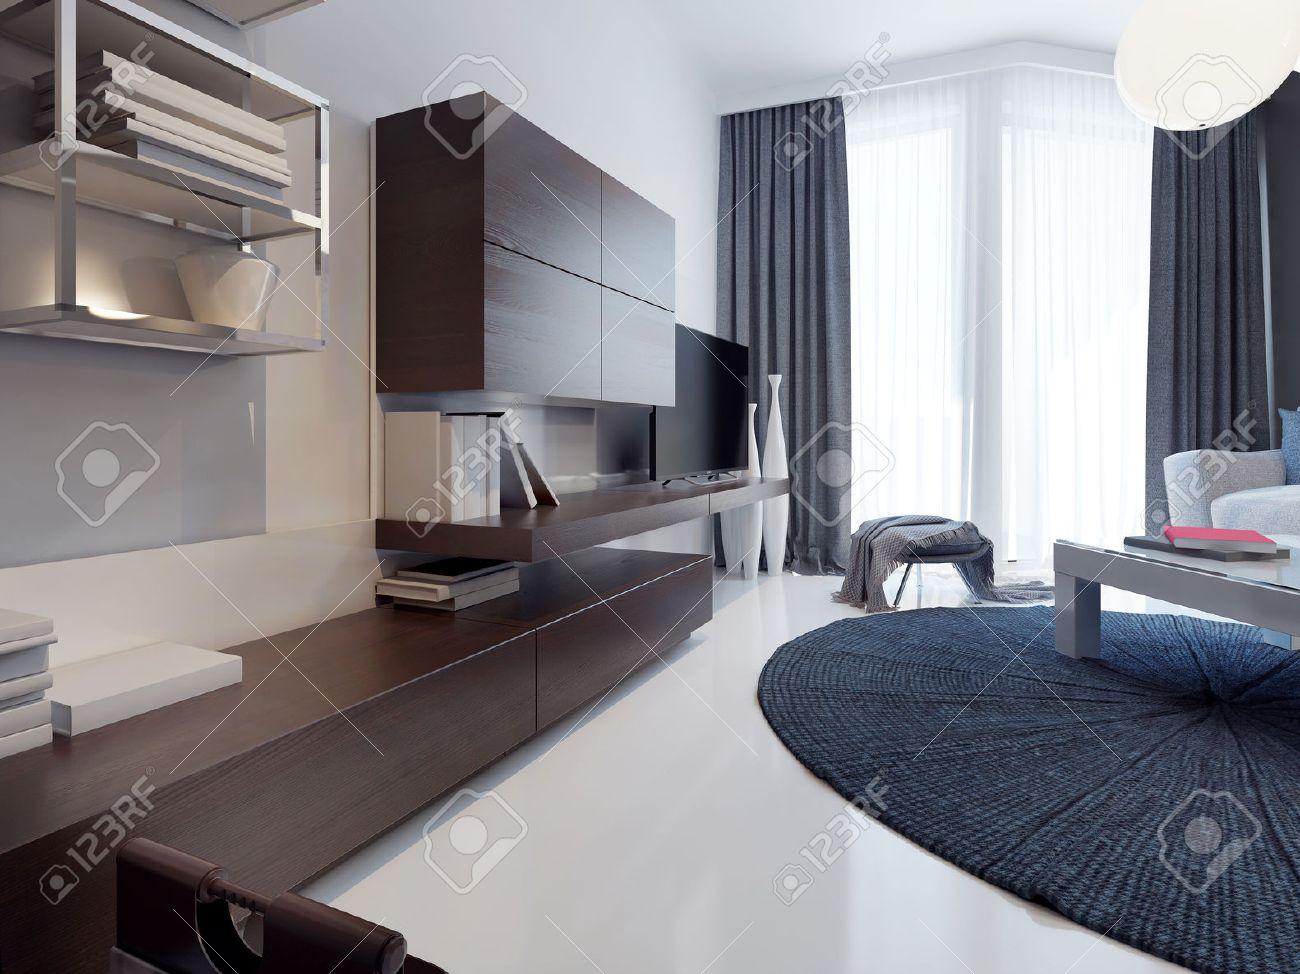 Moderne Wohnzimmer Design. Matte TV Möbel Möbel Braun. Weiß Gegossen  Betonböden Und